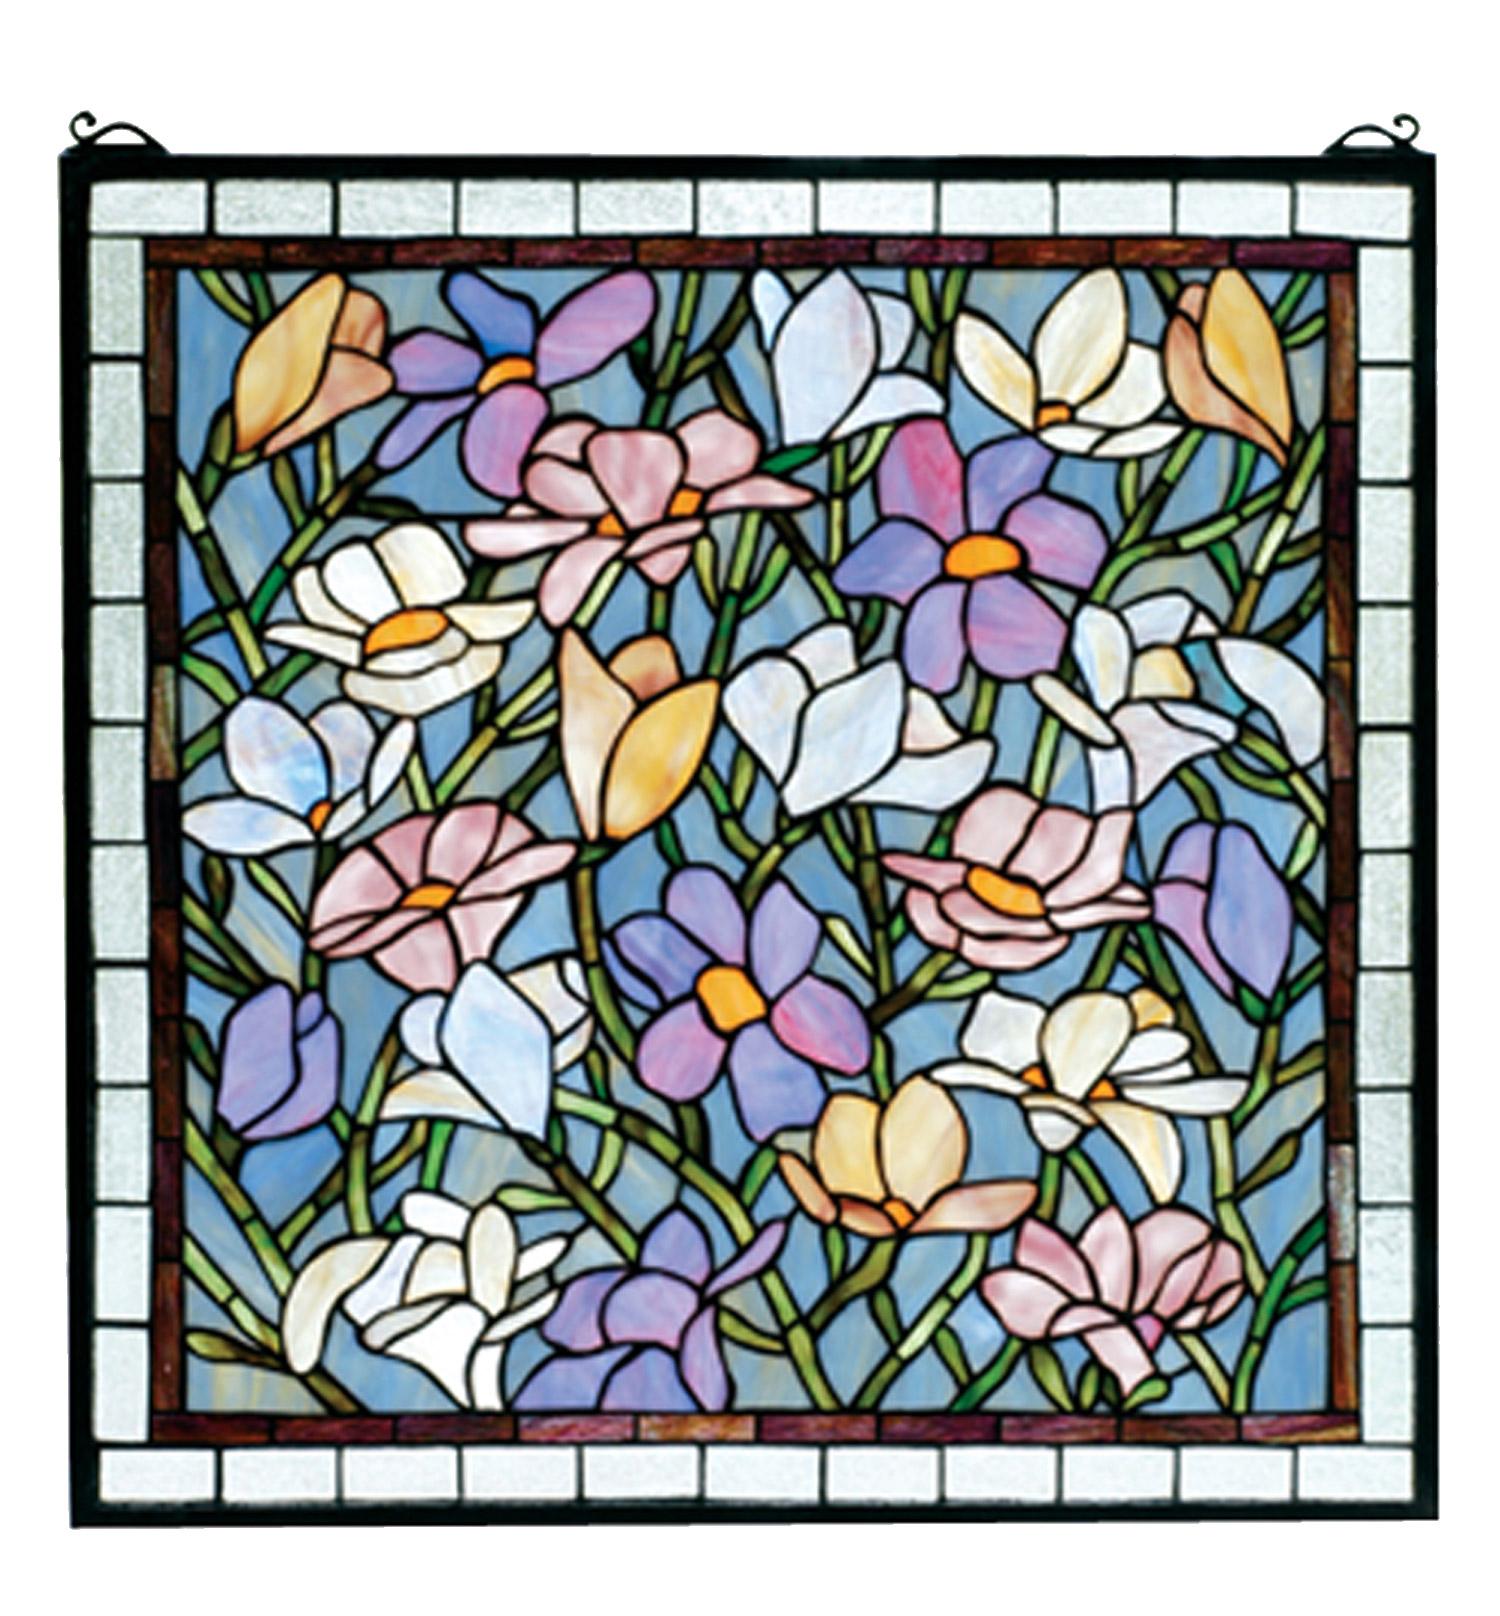 Meyda 66278 Tiffany Magnolia Window